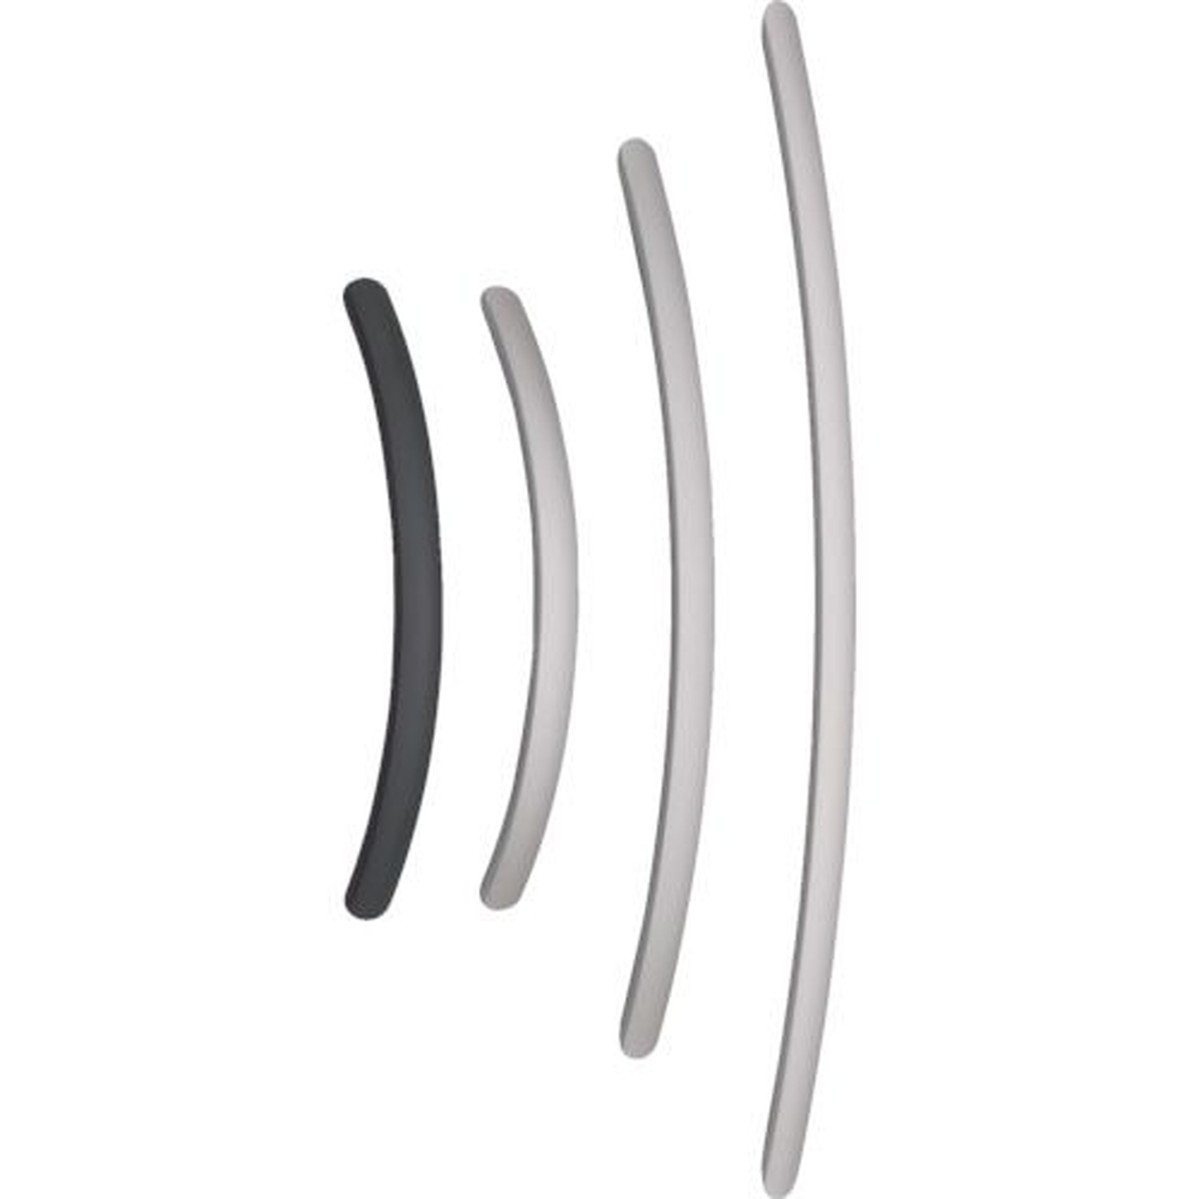 あす楽対応 新作販売 DIY用品 スガツネ工業 SOR-400Sアルミ弓形ハンドル 1本 100010961 時間指定不可